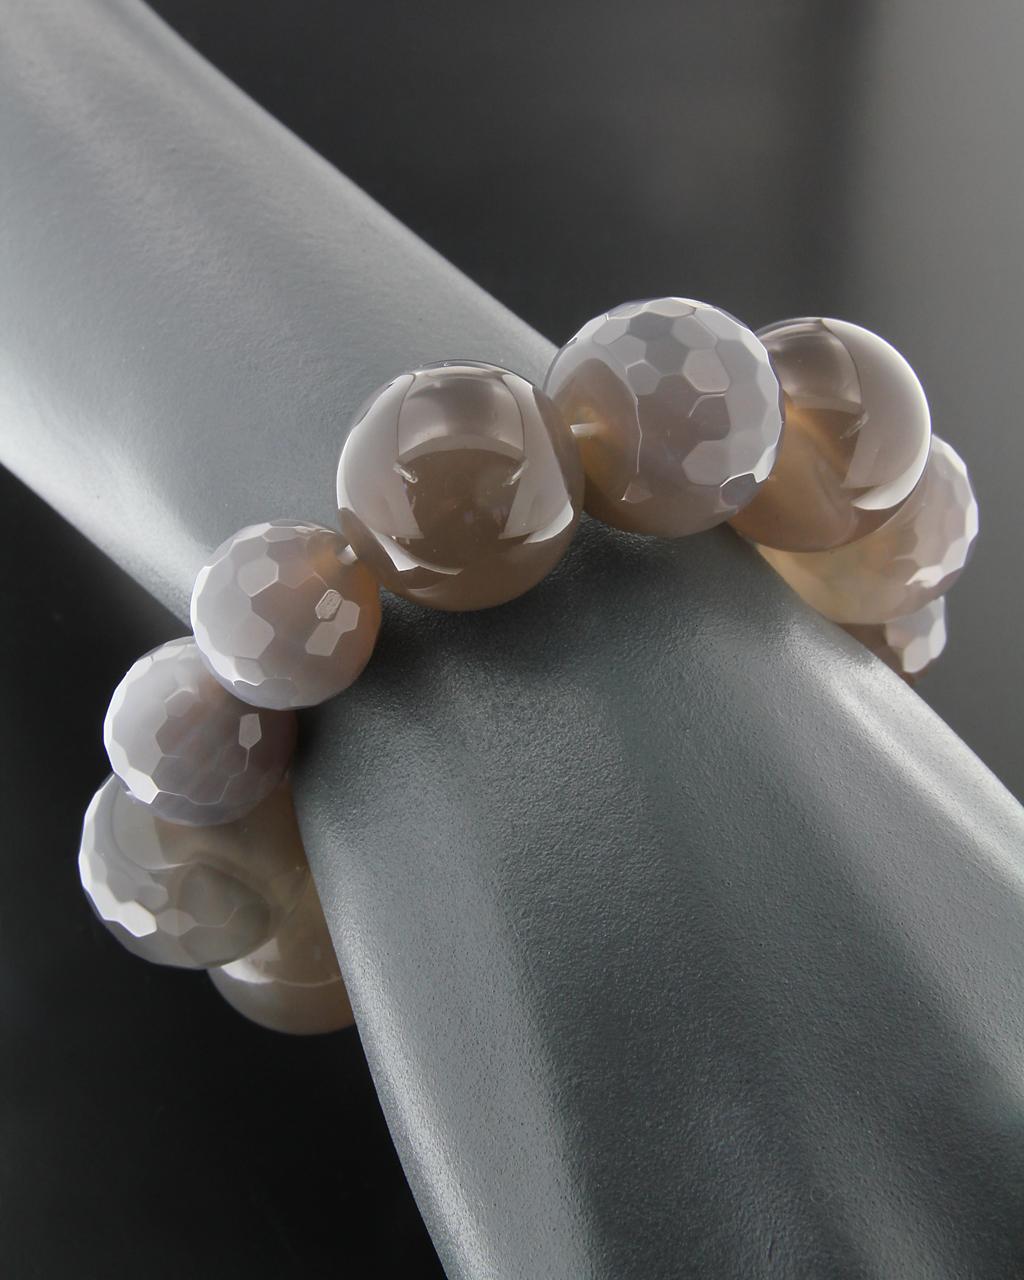 Βραχιόλι με πέτρες Quartz   γυναικα βραχιόλια βραχιόλια ημιπολύτιμοι λίθοι